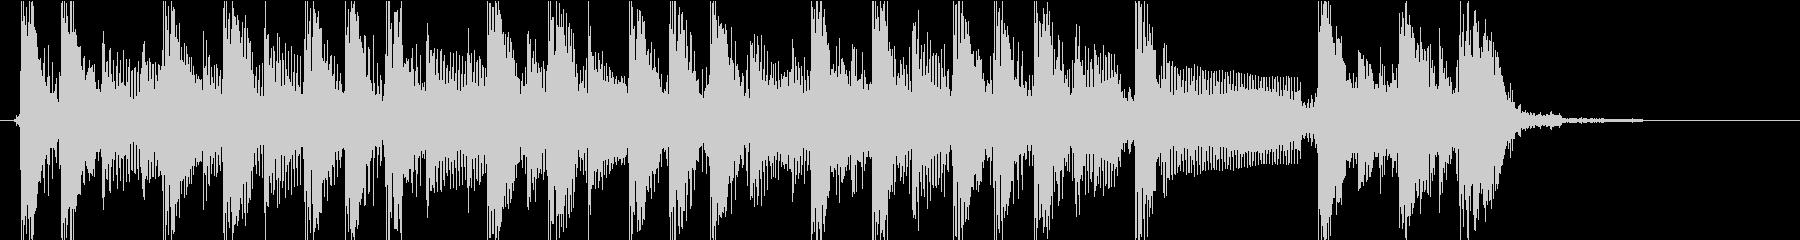 怪しい雰囲気ジングルの未再生の波形